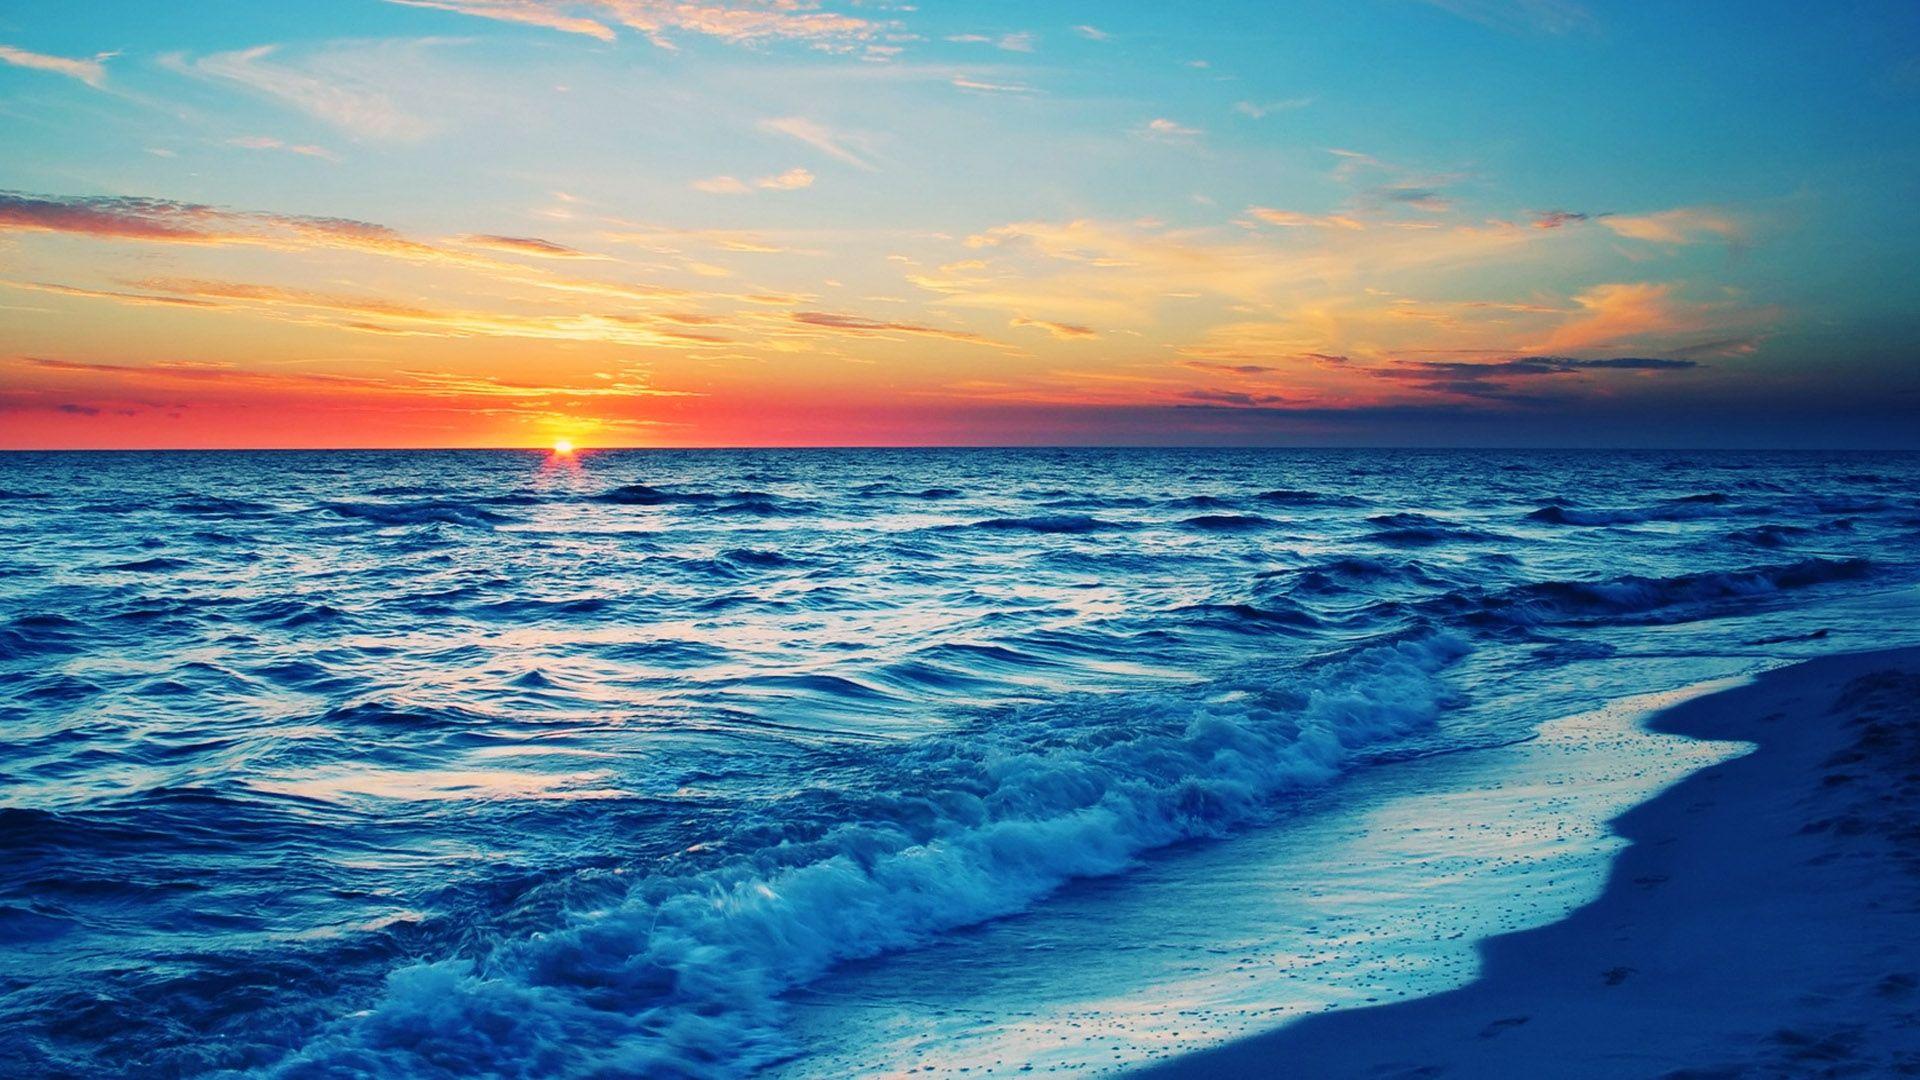 Beach At Night Wallpaper Hd Wallpaper Beach Wallpaper Beach Sunset Wallpaper Beautiful Ocean Pictures Evening beach scenery wallpaper